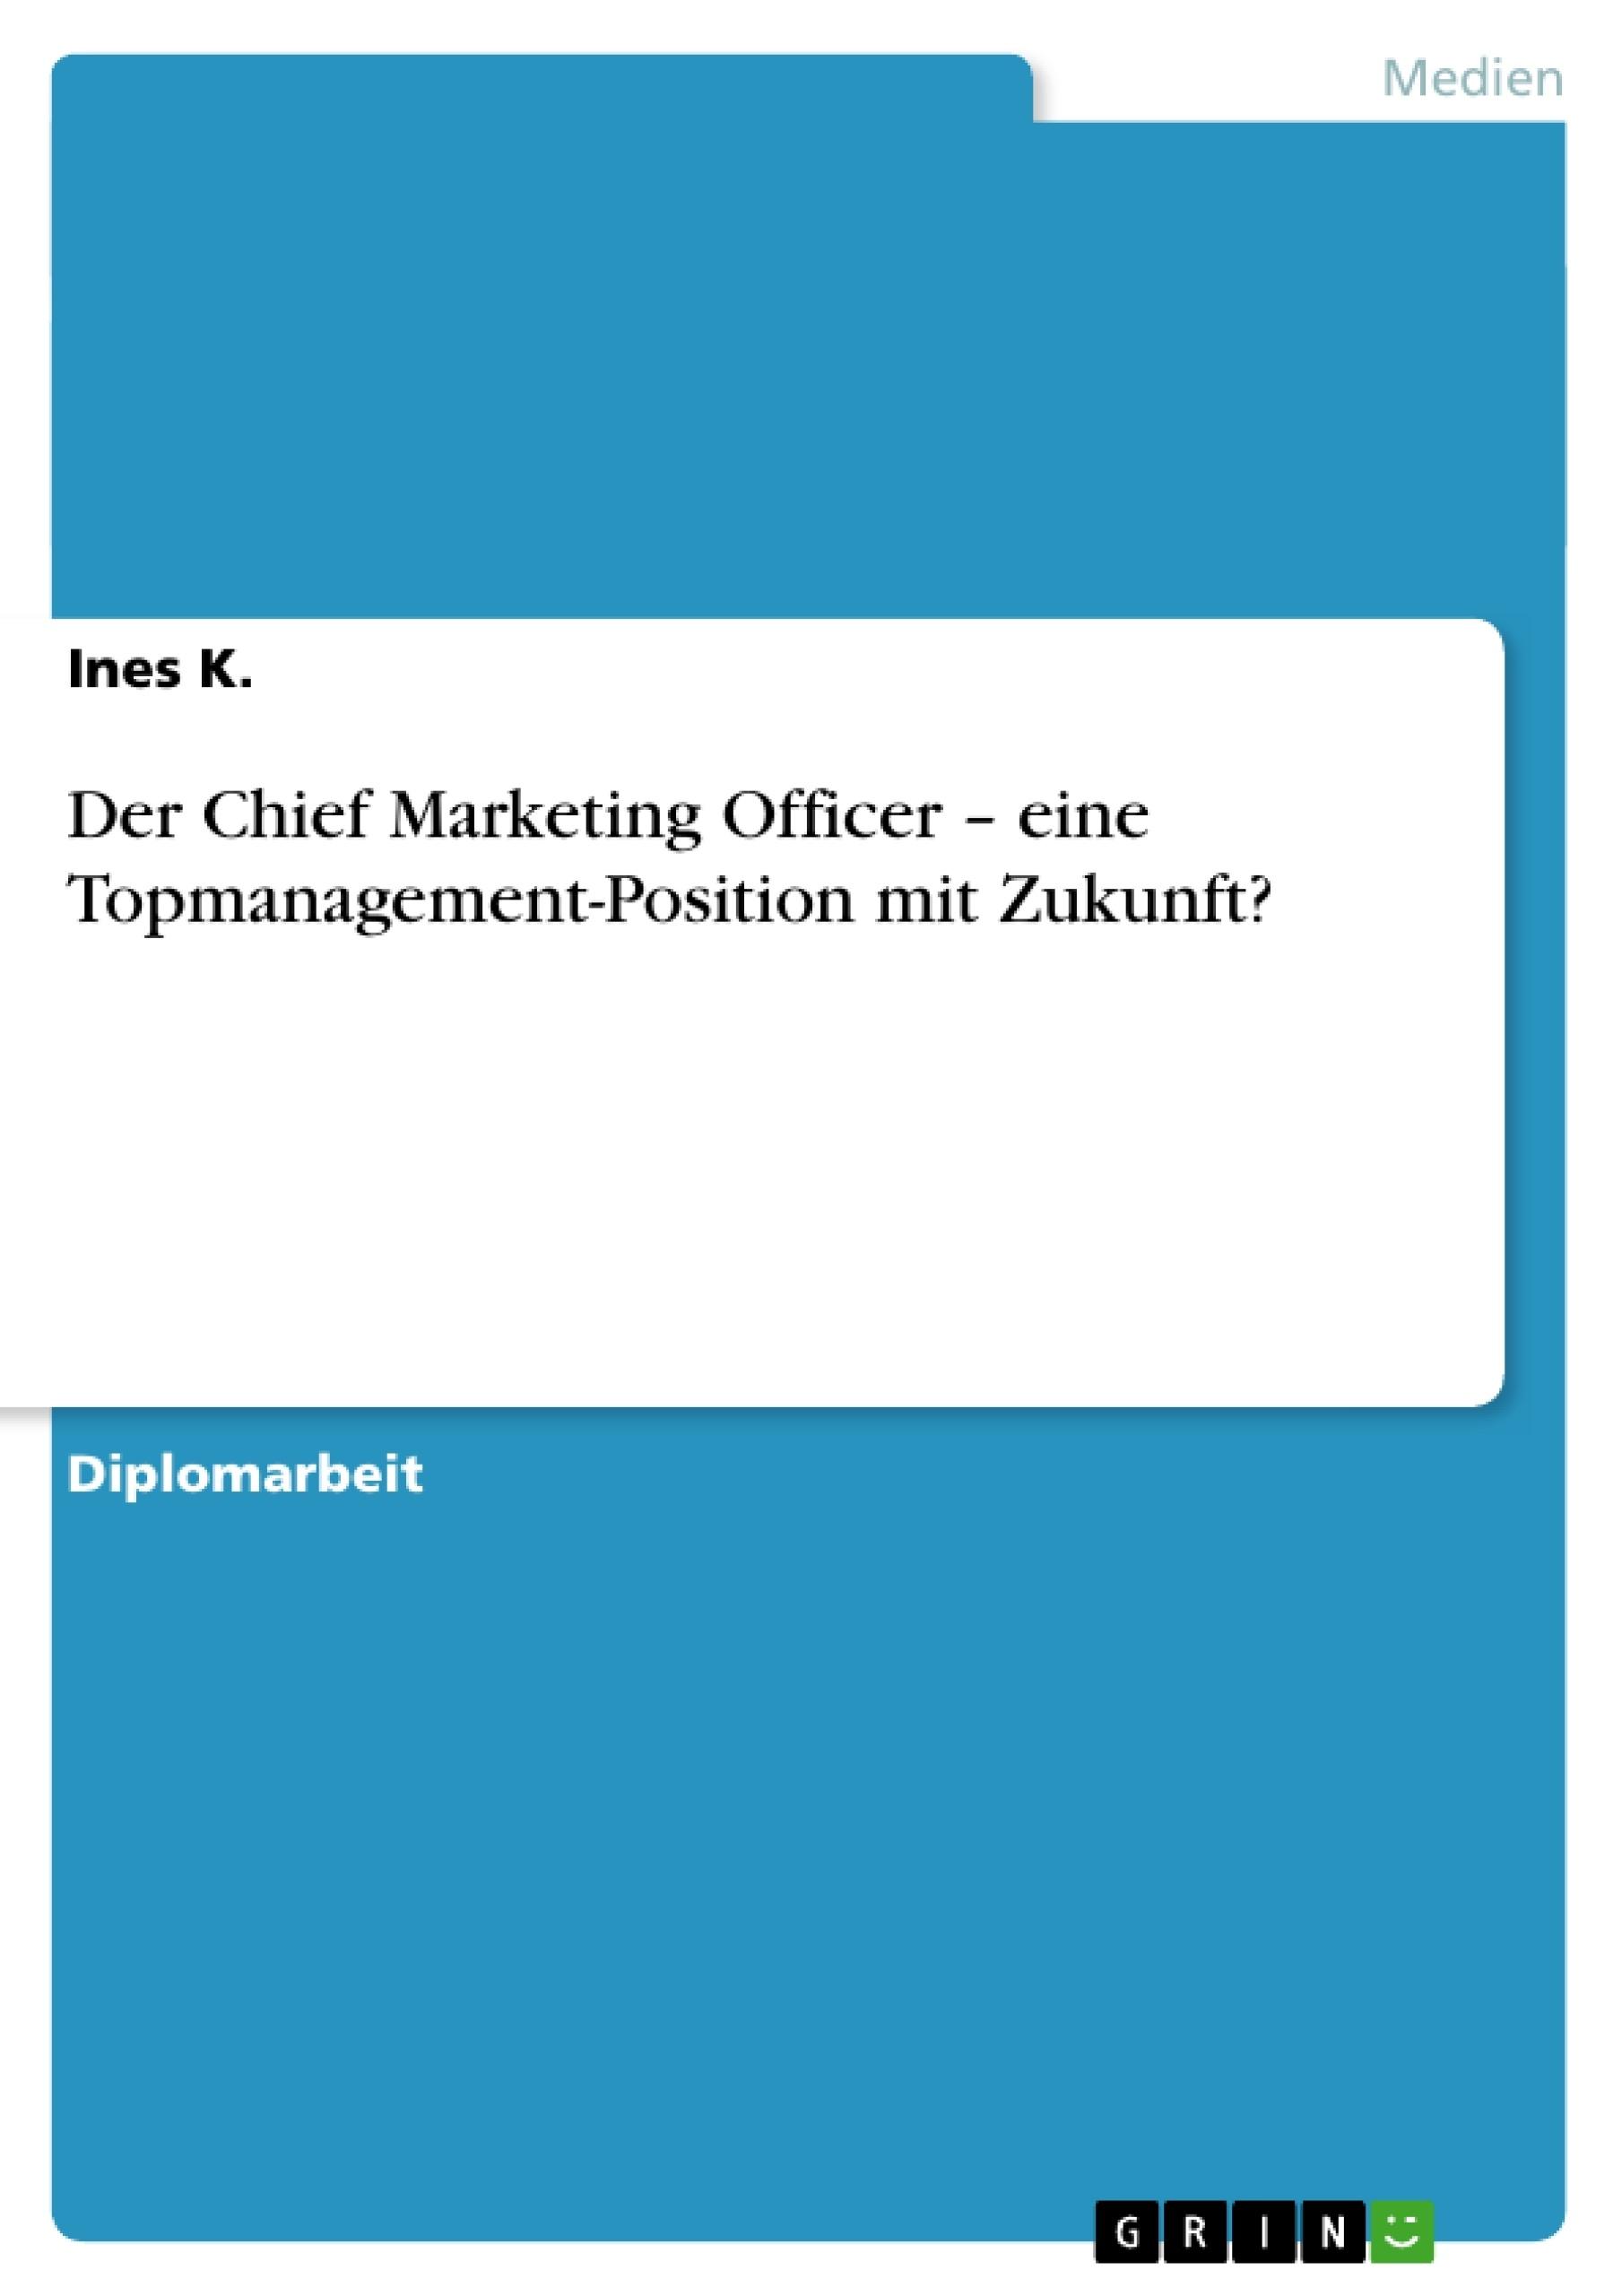 Titel: Der Chief Marketing Officer – eine Topmanagement-Position mit Zukunft?